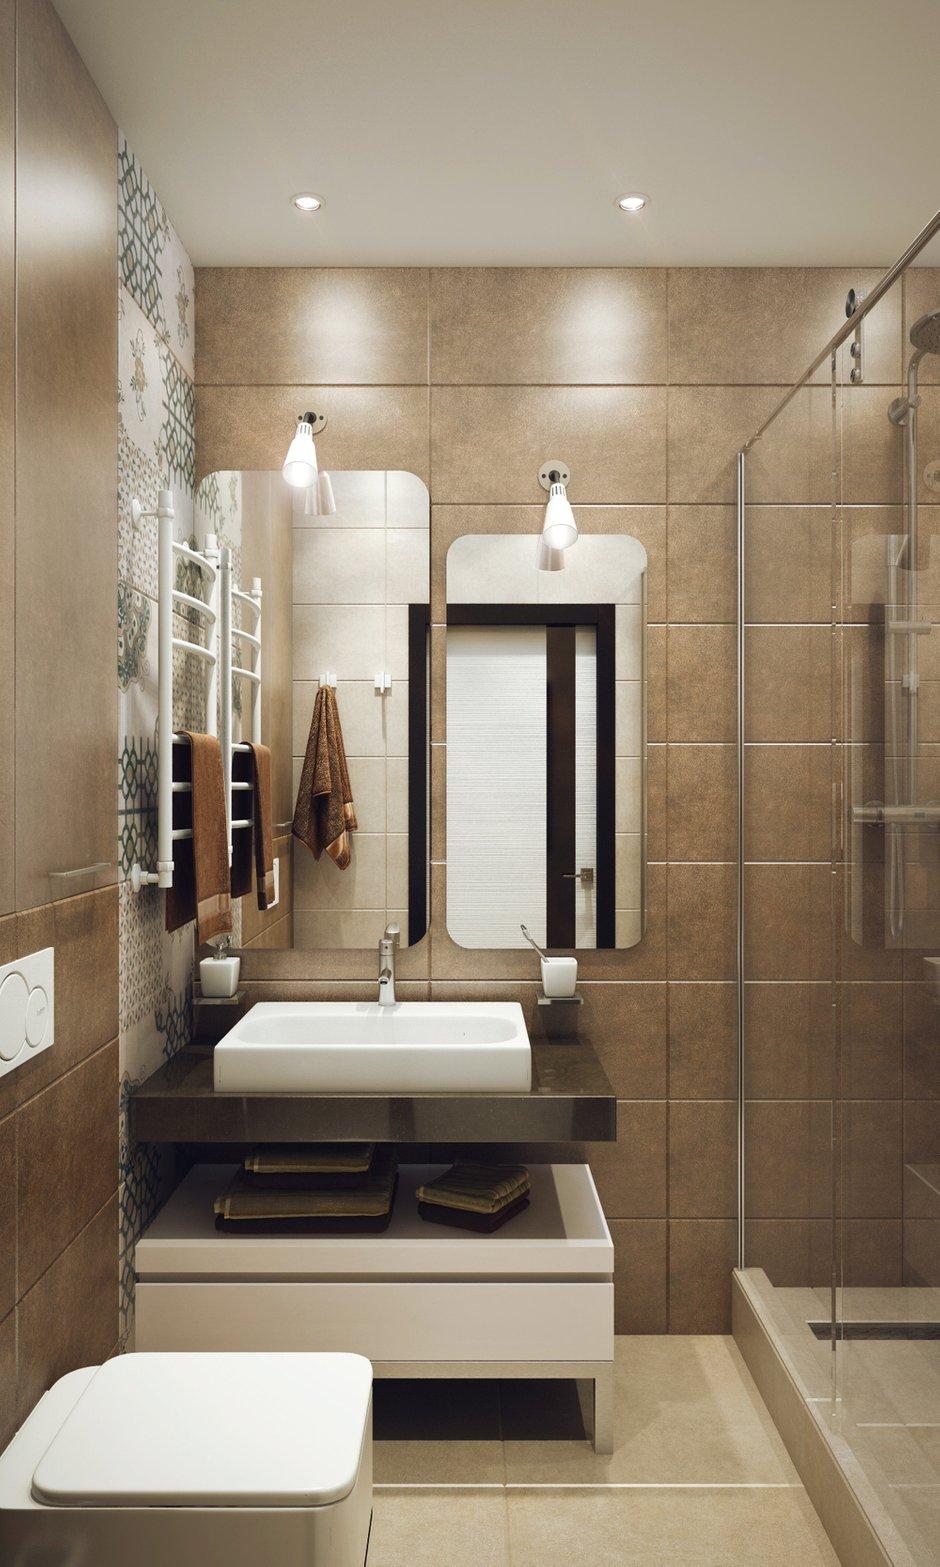 Фотография: Ванная в стиле Современный, Малогабаритная квартира, Квартира, Дома и квартиры, Проект недели – фото на INMYROOM